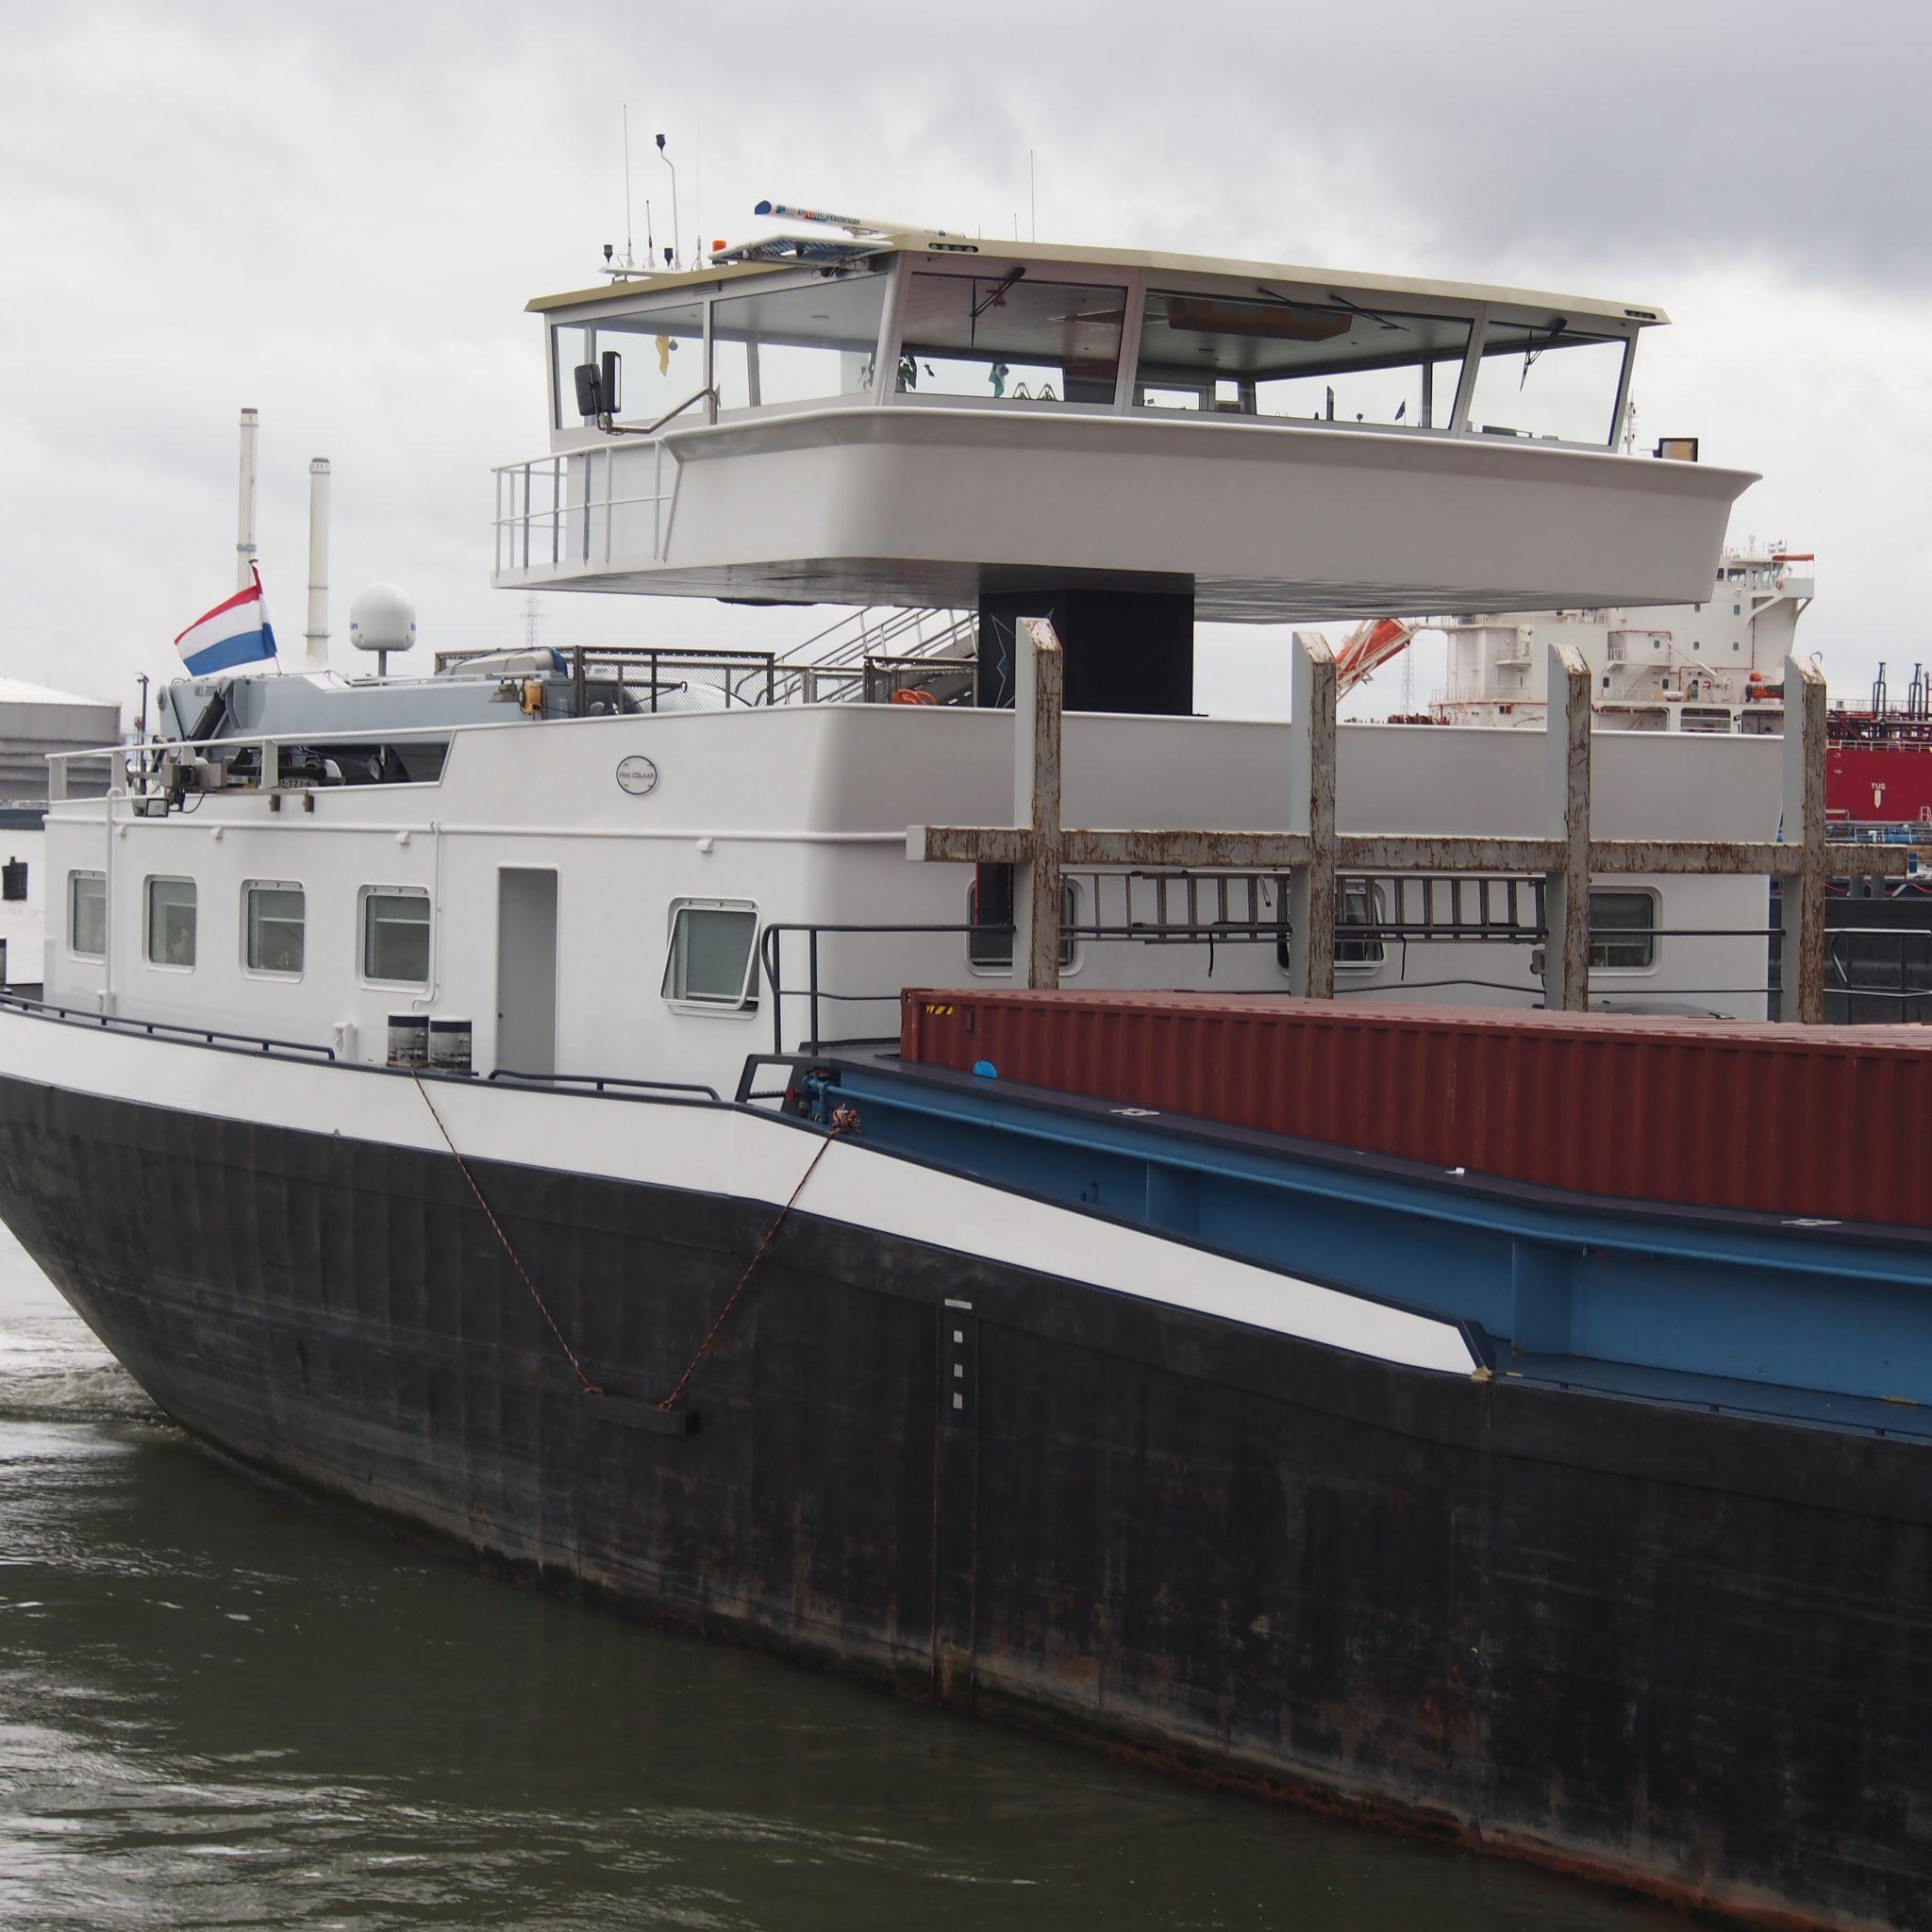 Een binnenvaartschip bij de Van Cauwelaertsluis in Antwerpen. (Foto Alf van Beem)